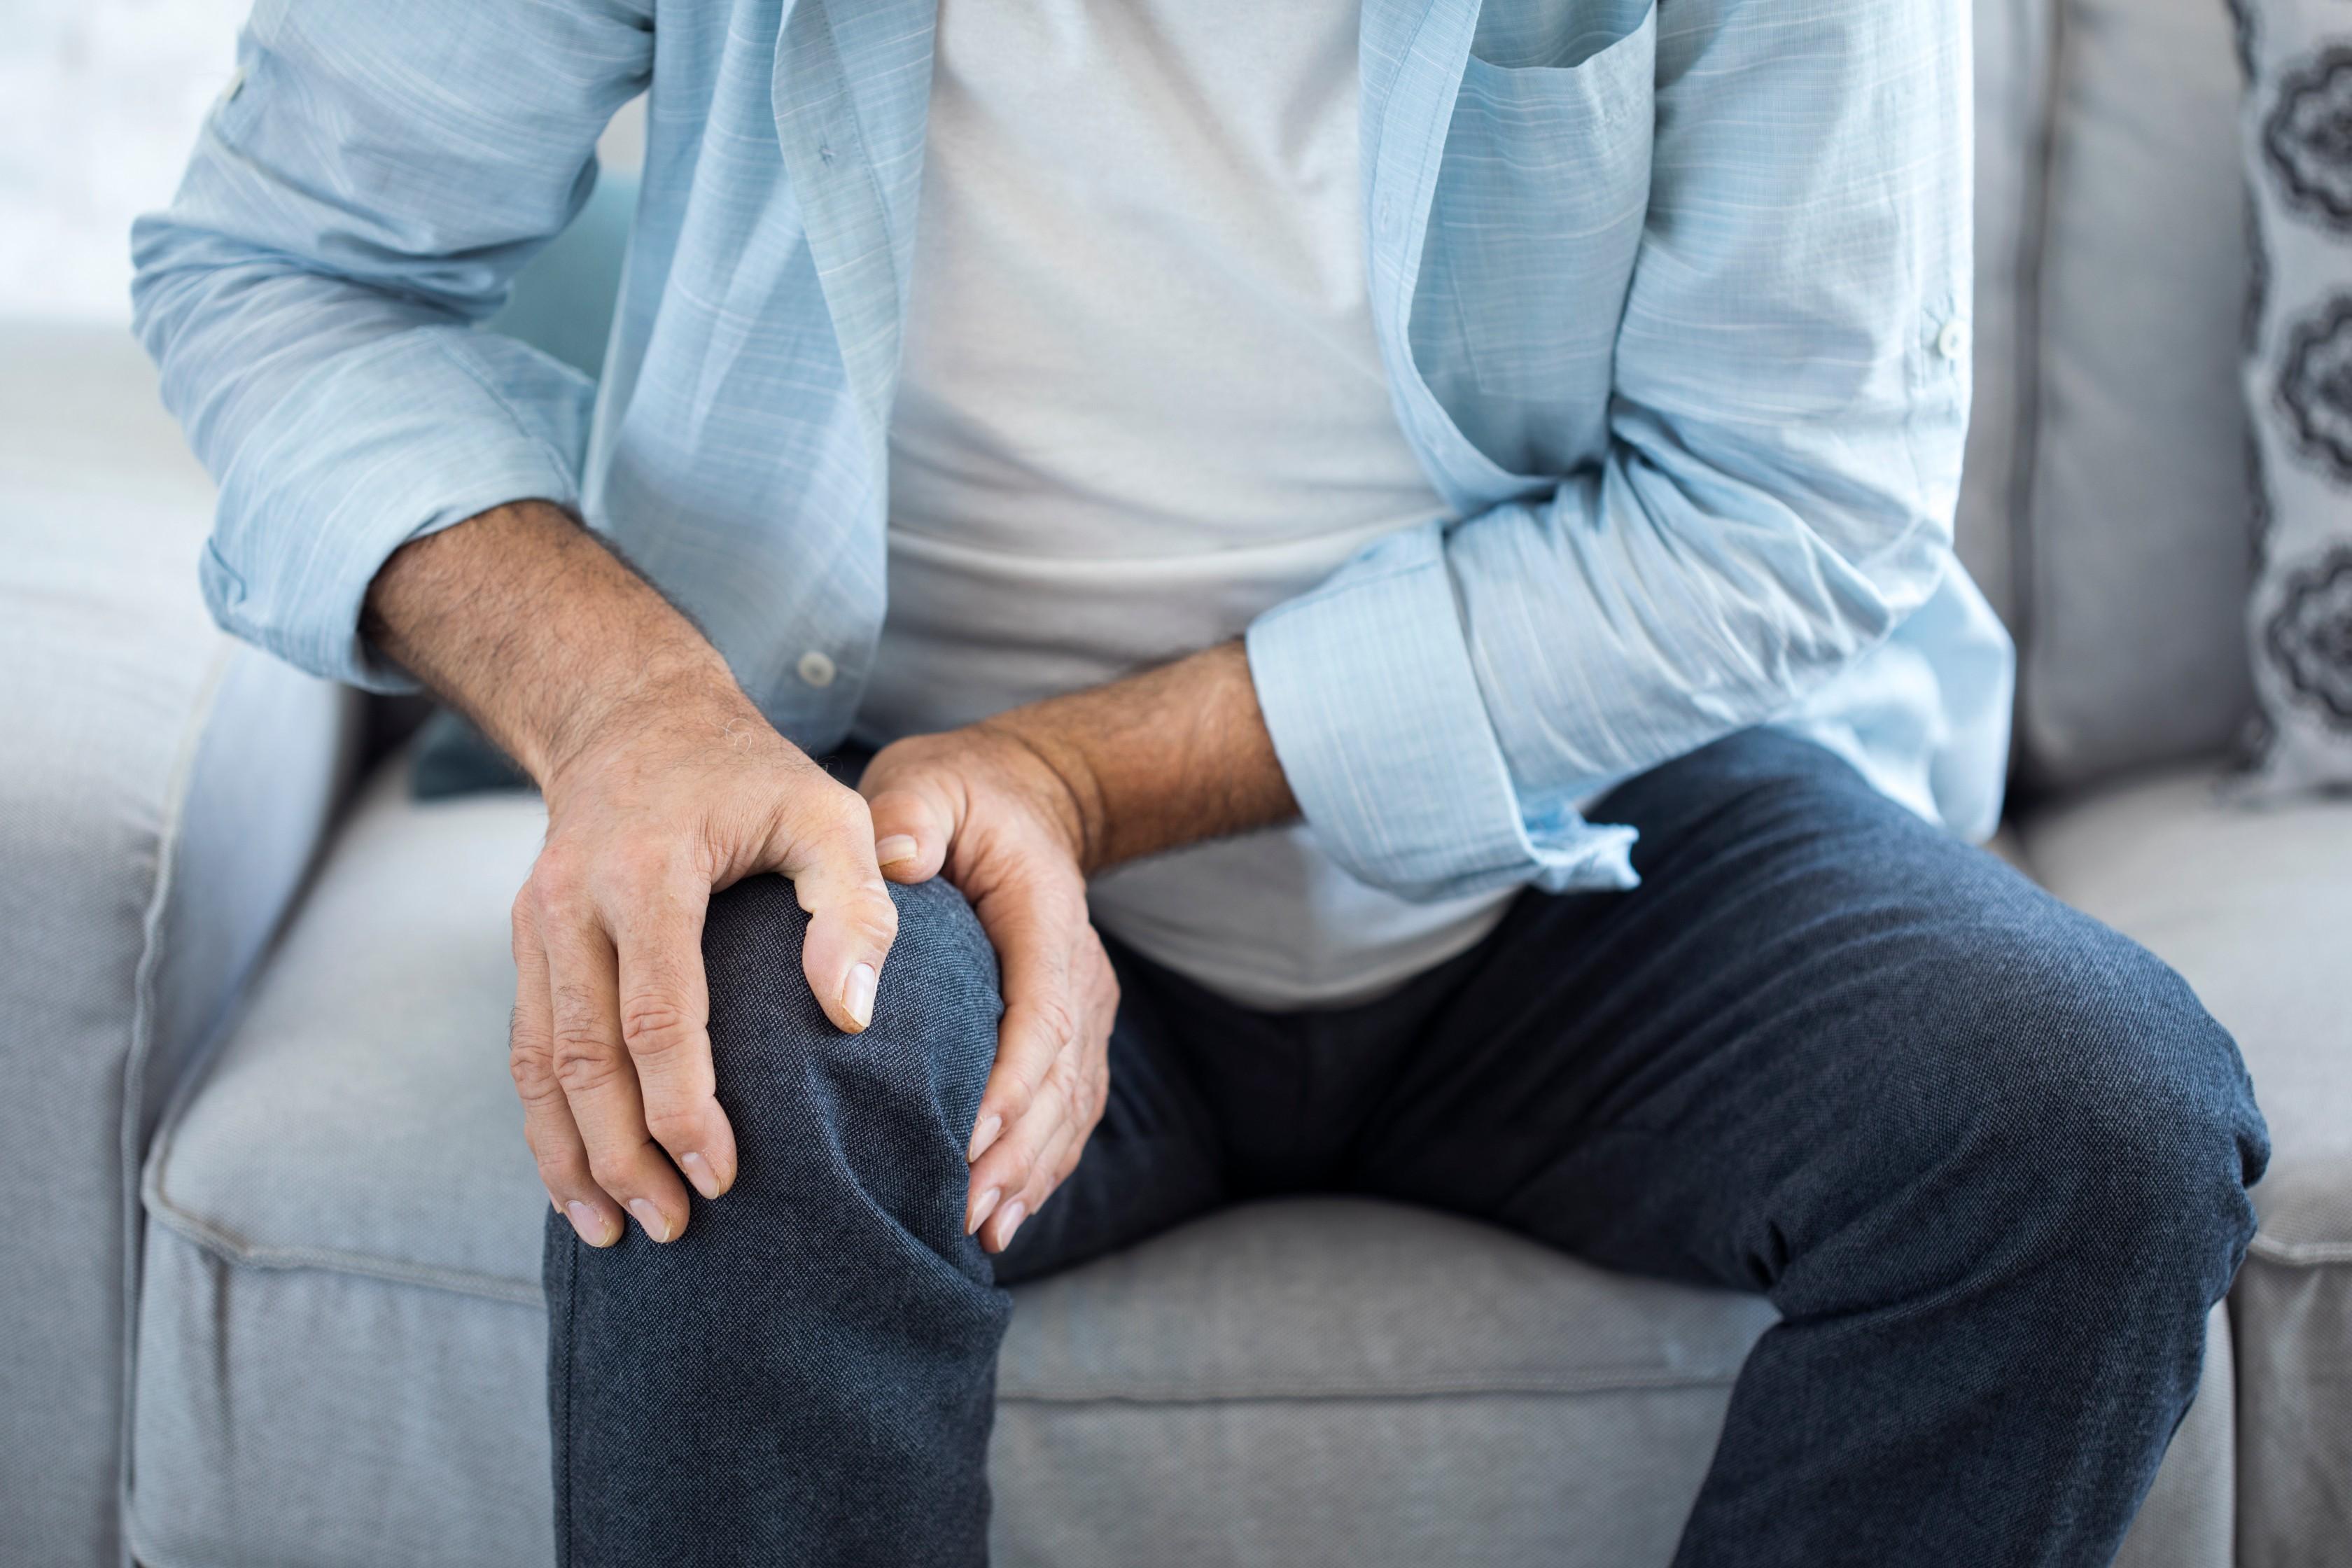 ízületek fájnak a sacrumból ízületi fájdalmak a kezekben